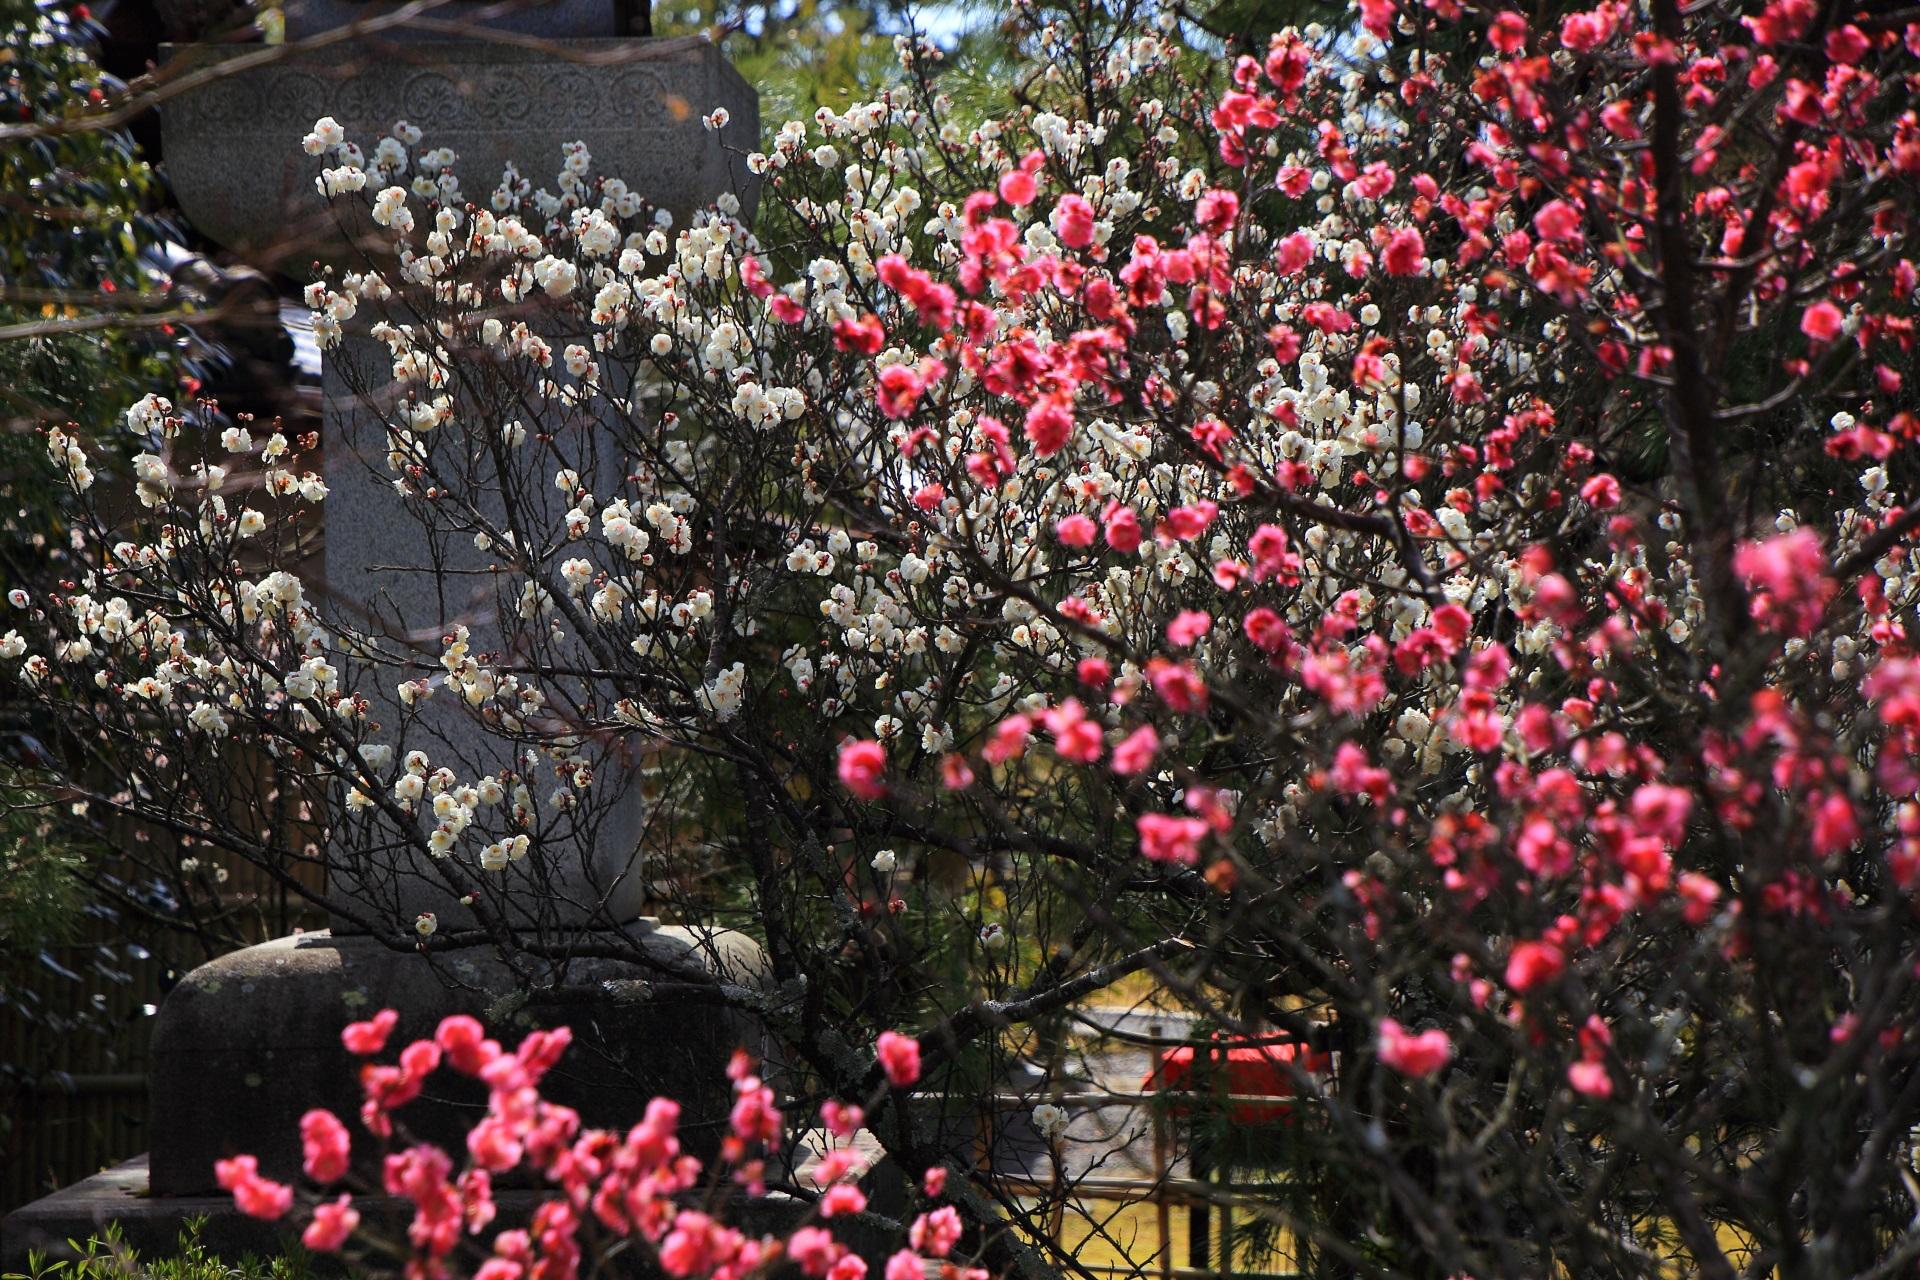 日が差すと輝くピンクと白のボールのようになる梅の花